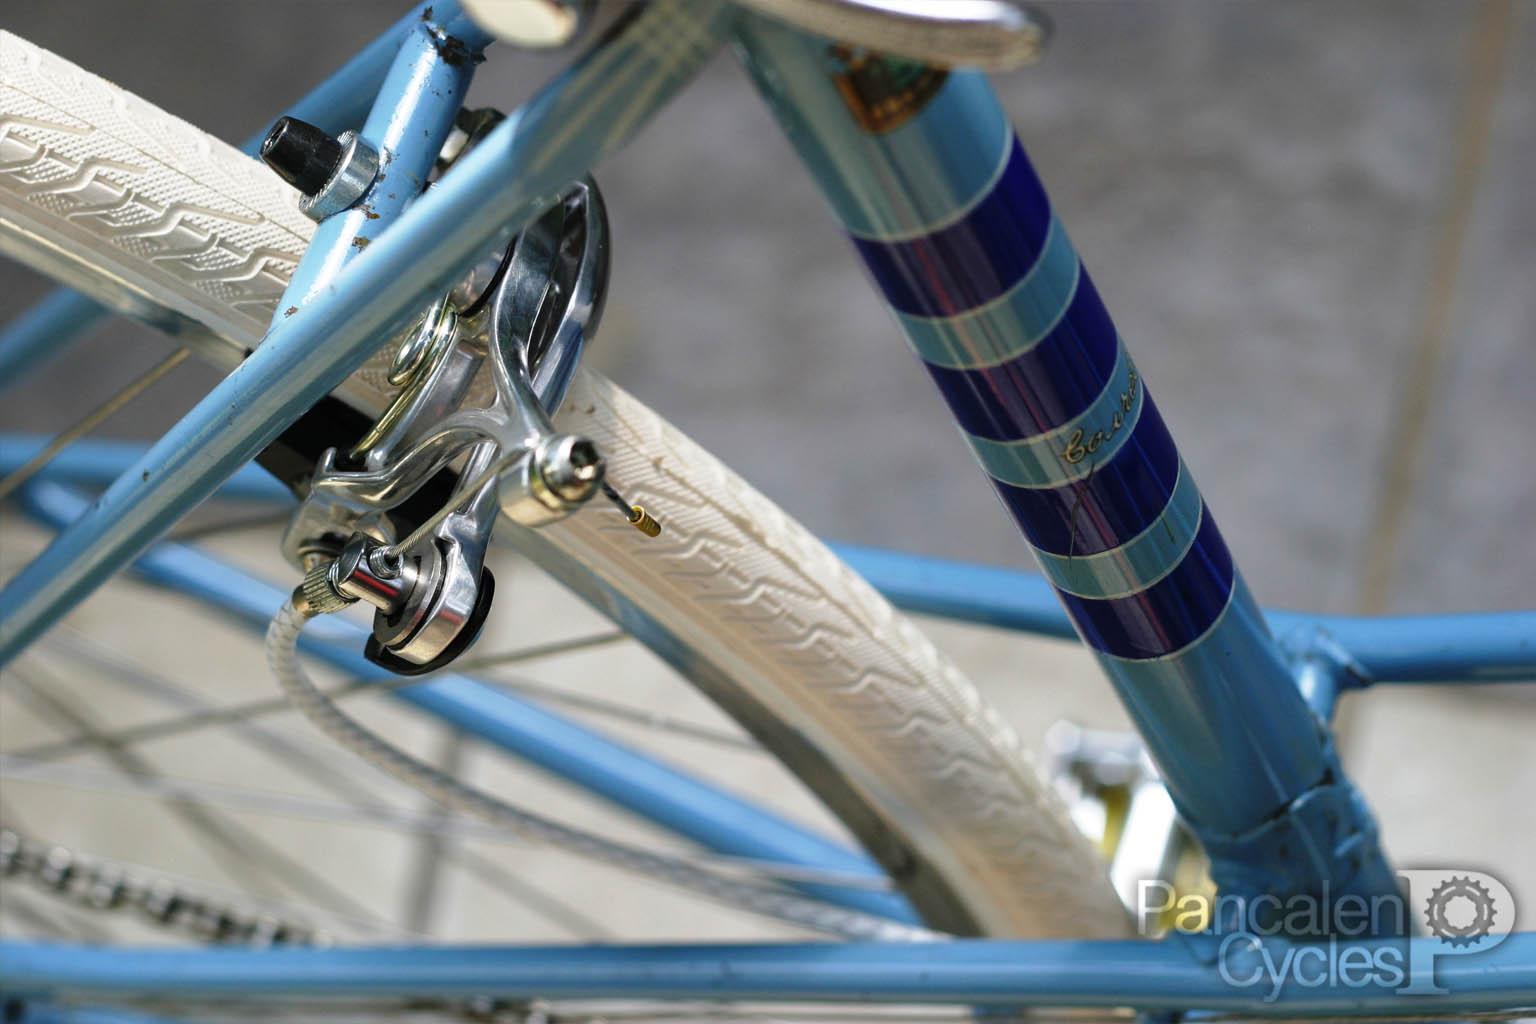 Pancalen Cycles Carlton Courette Mixte